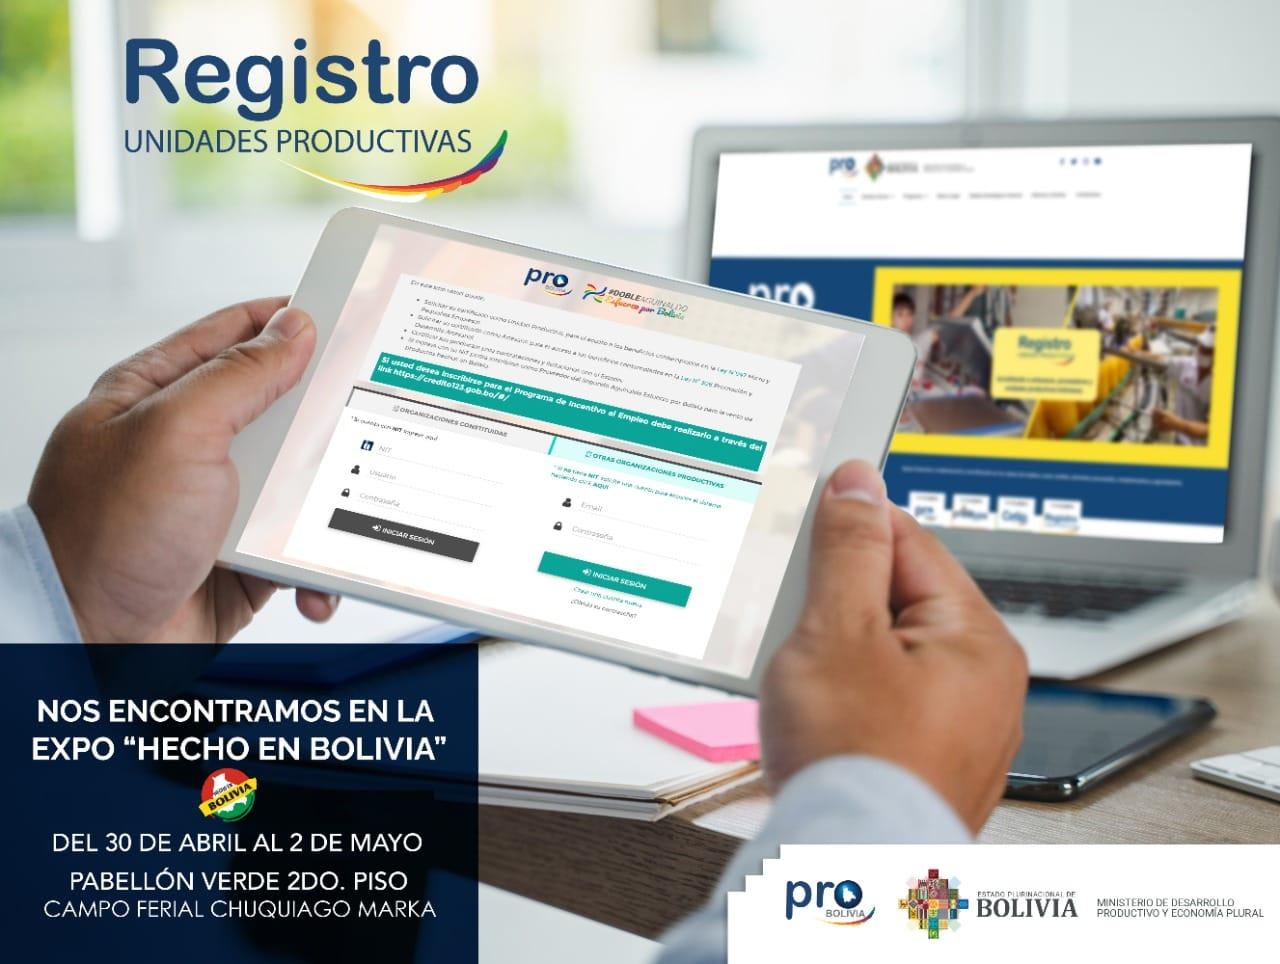 Imágen de Registros en la Expo Hecho en Bolivia 2021